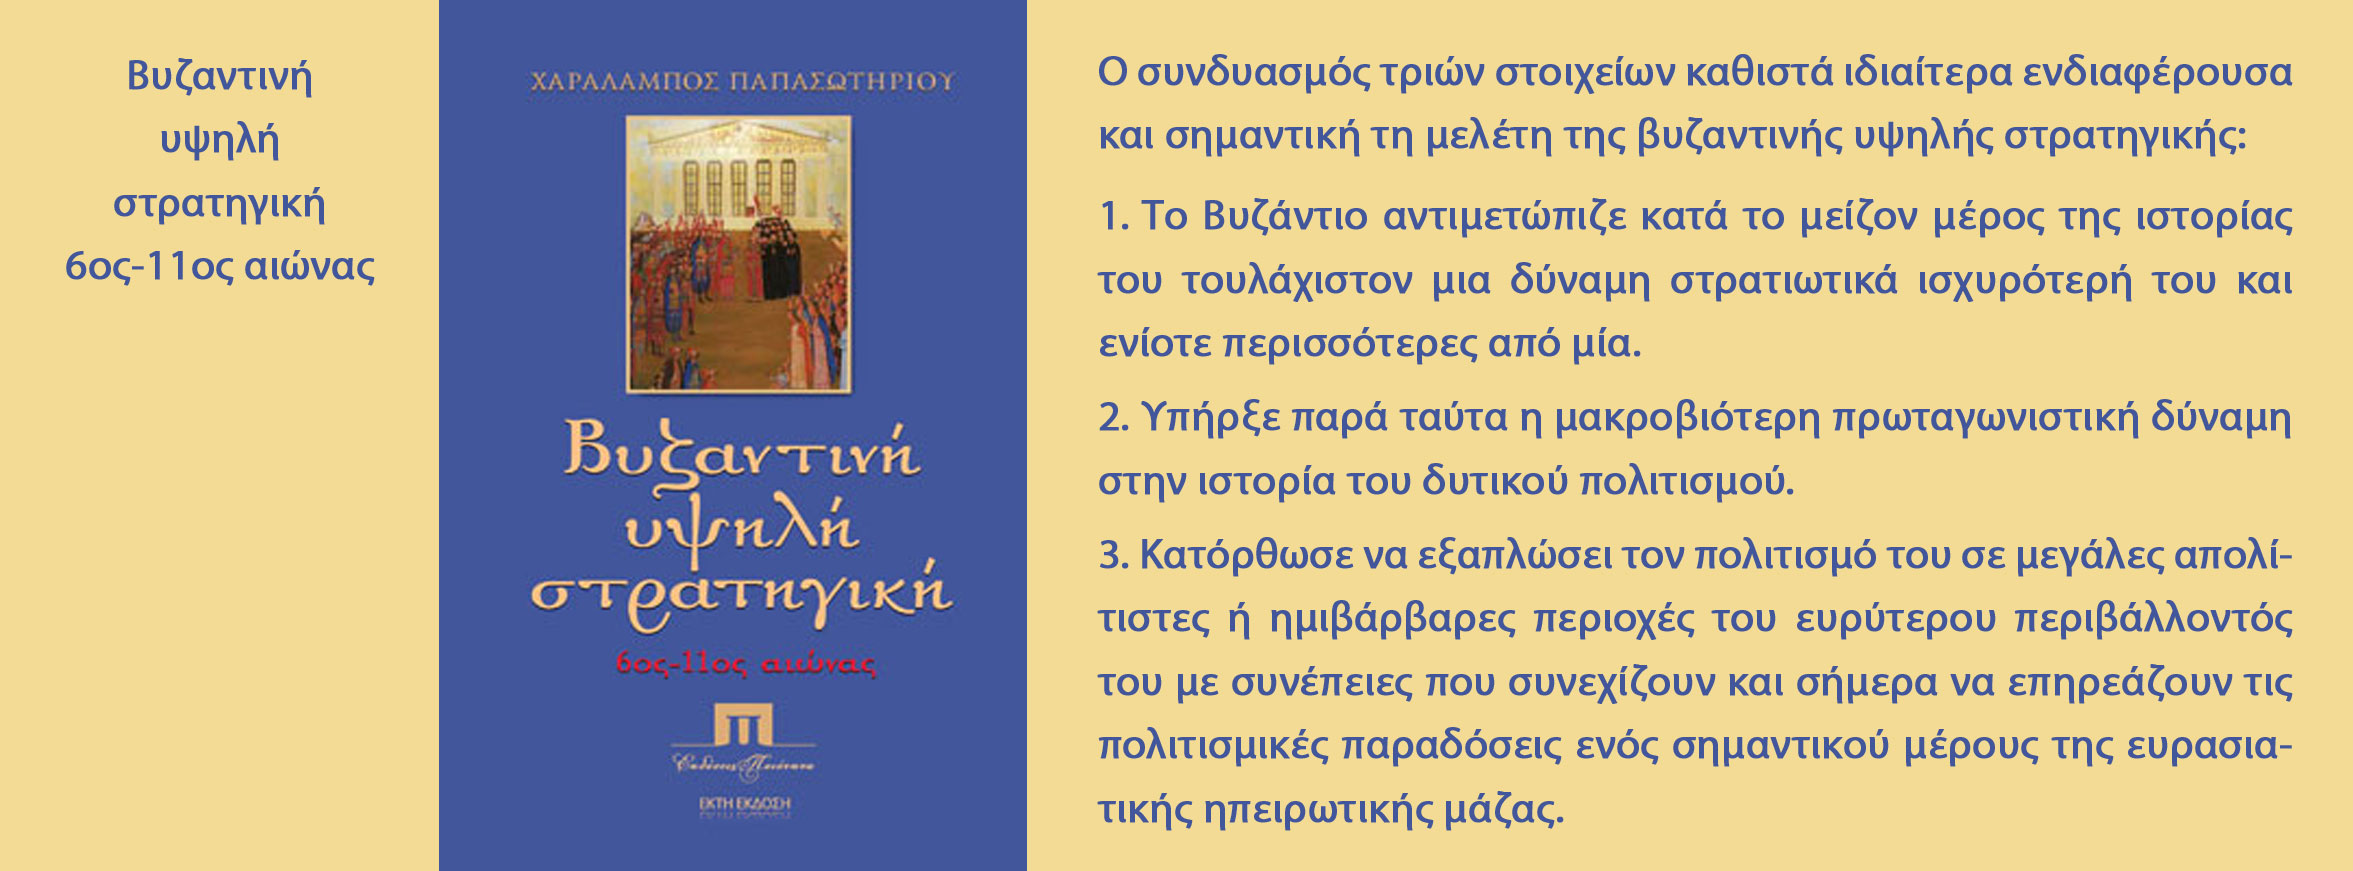 Χαράλαμπος Παπασωτηρίου, Βυζαντινή υψηλή στρατηγική, 6ος-11ος αιώνας